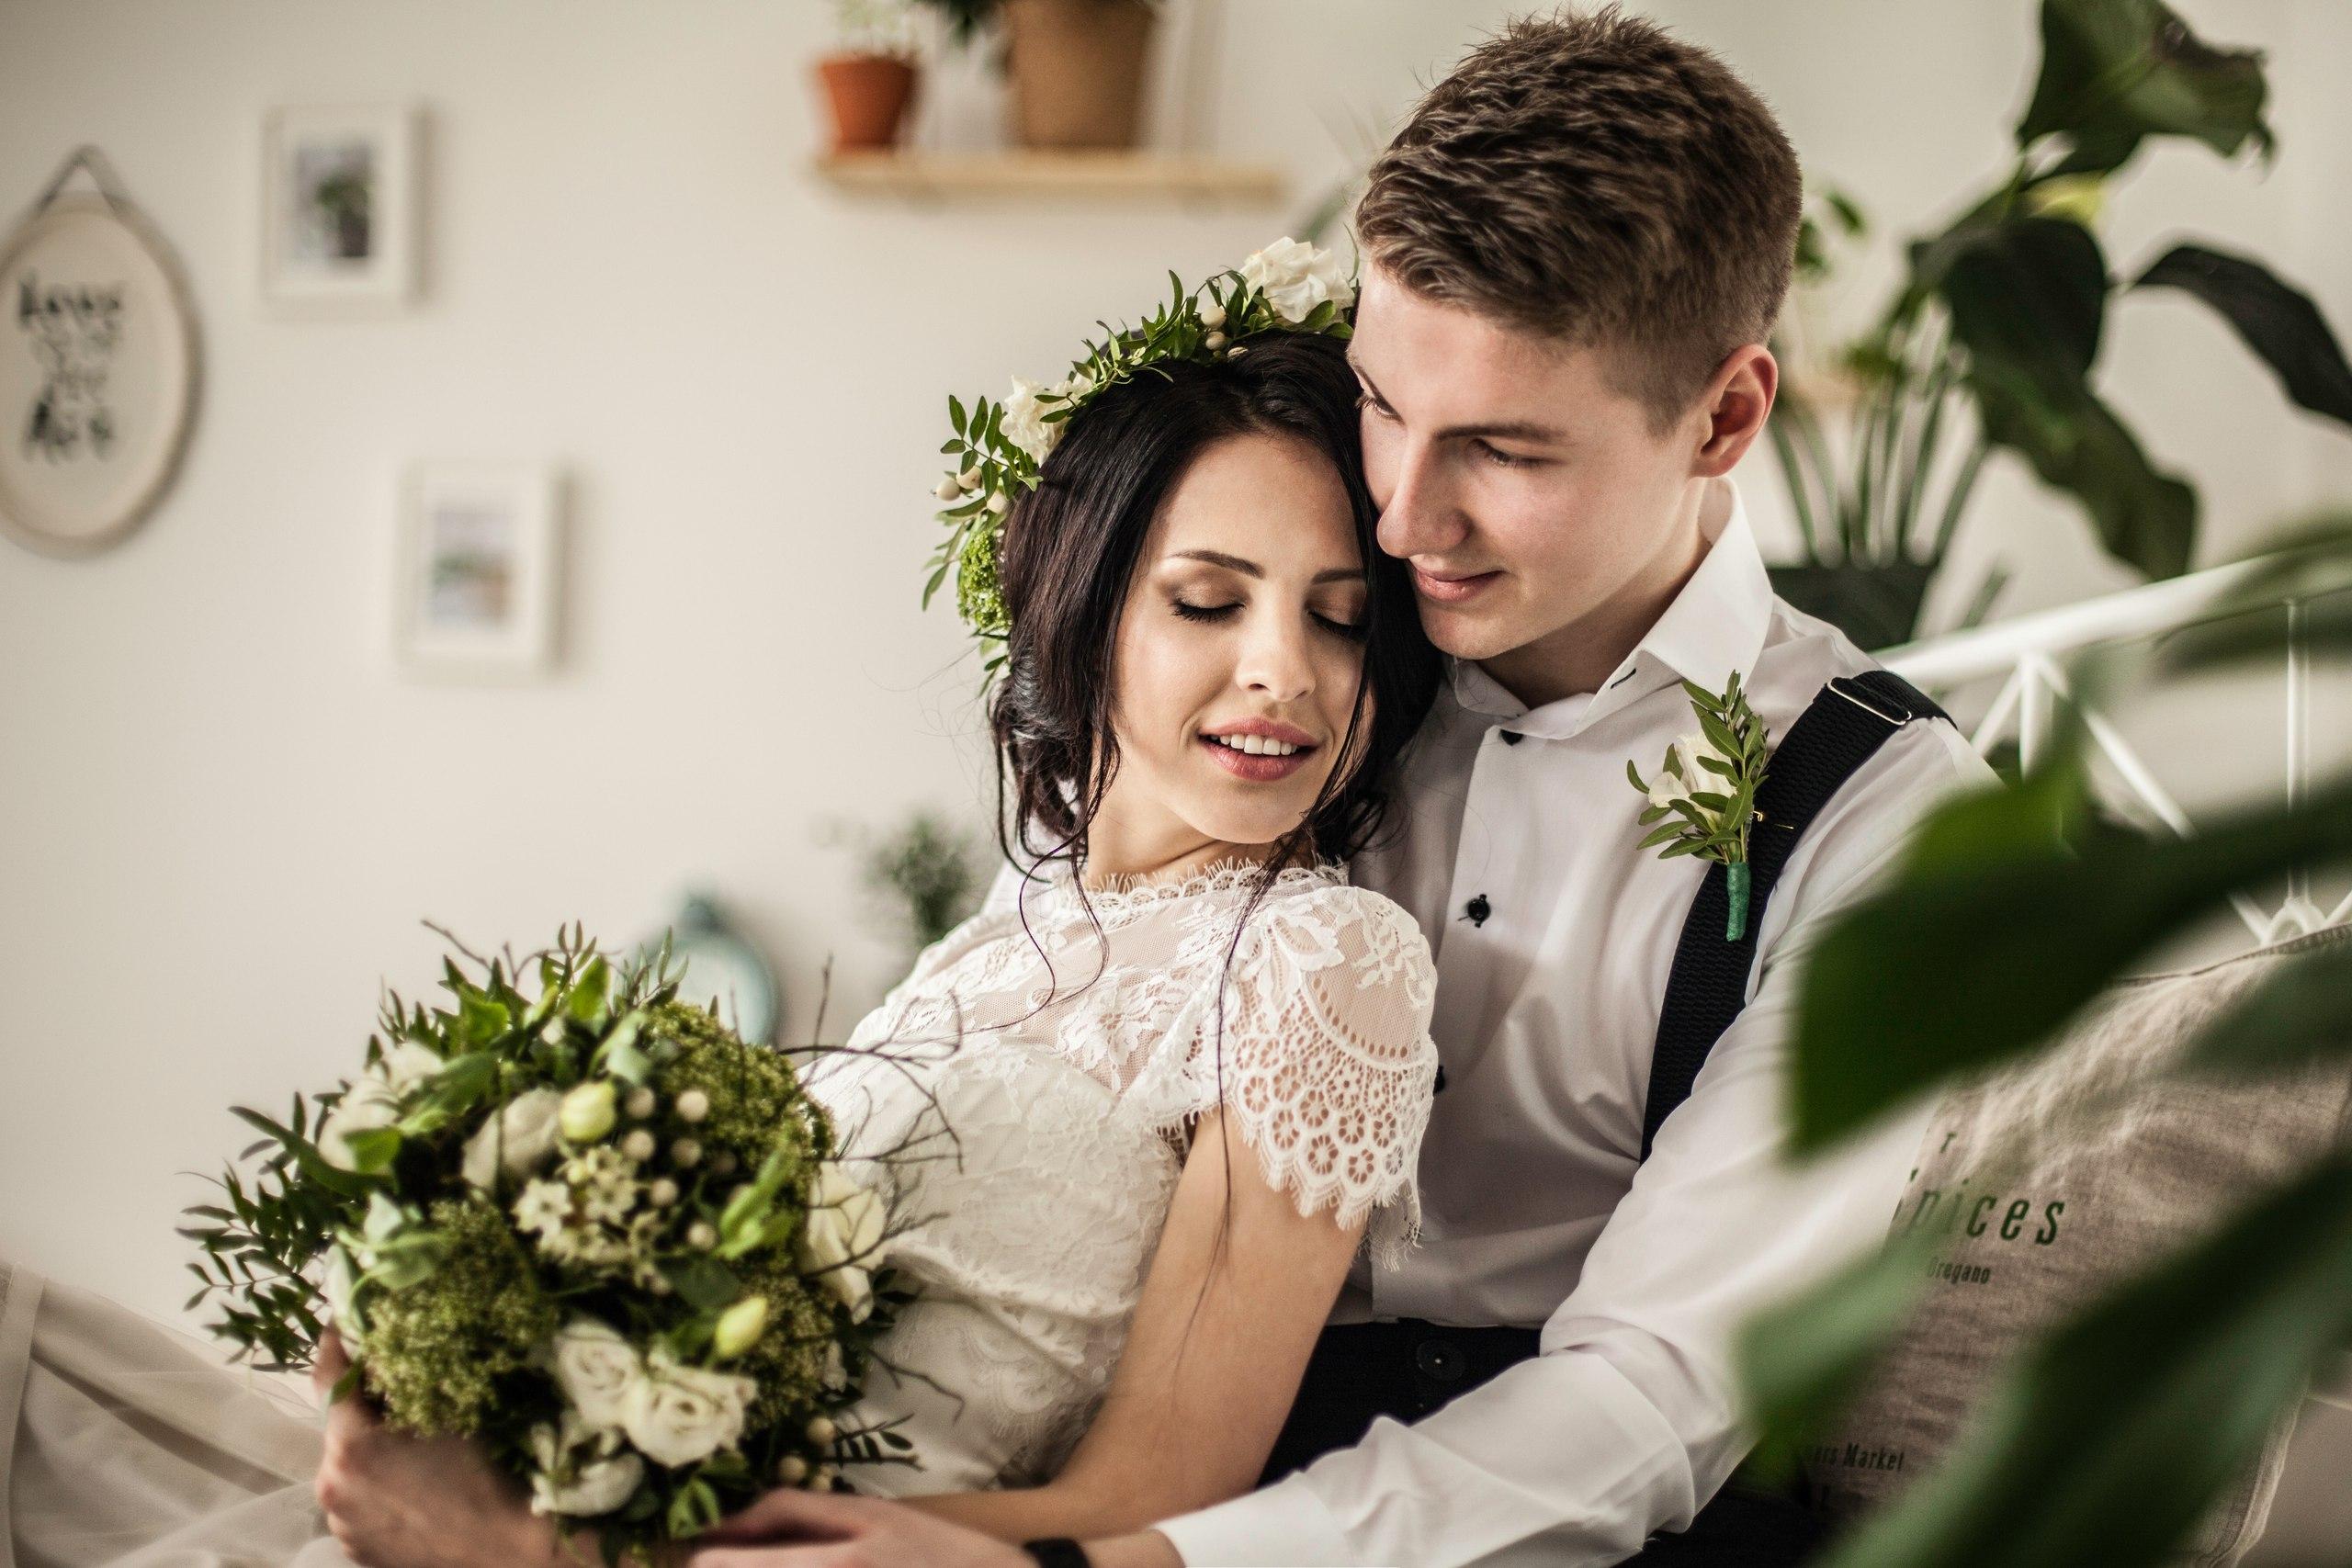 Детская, семейная, индивидуальная, свадебная фотосъемка, подарочные сертификаты от 49 руб.